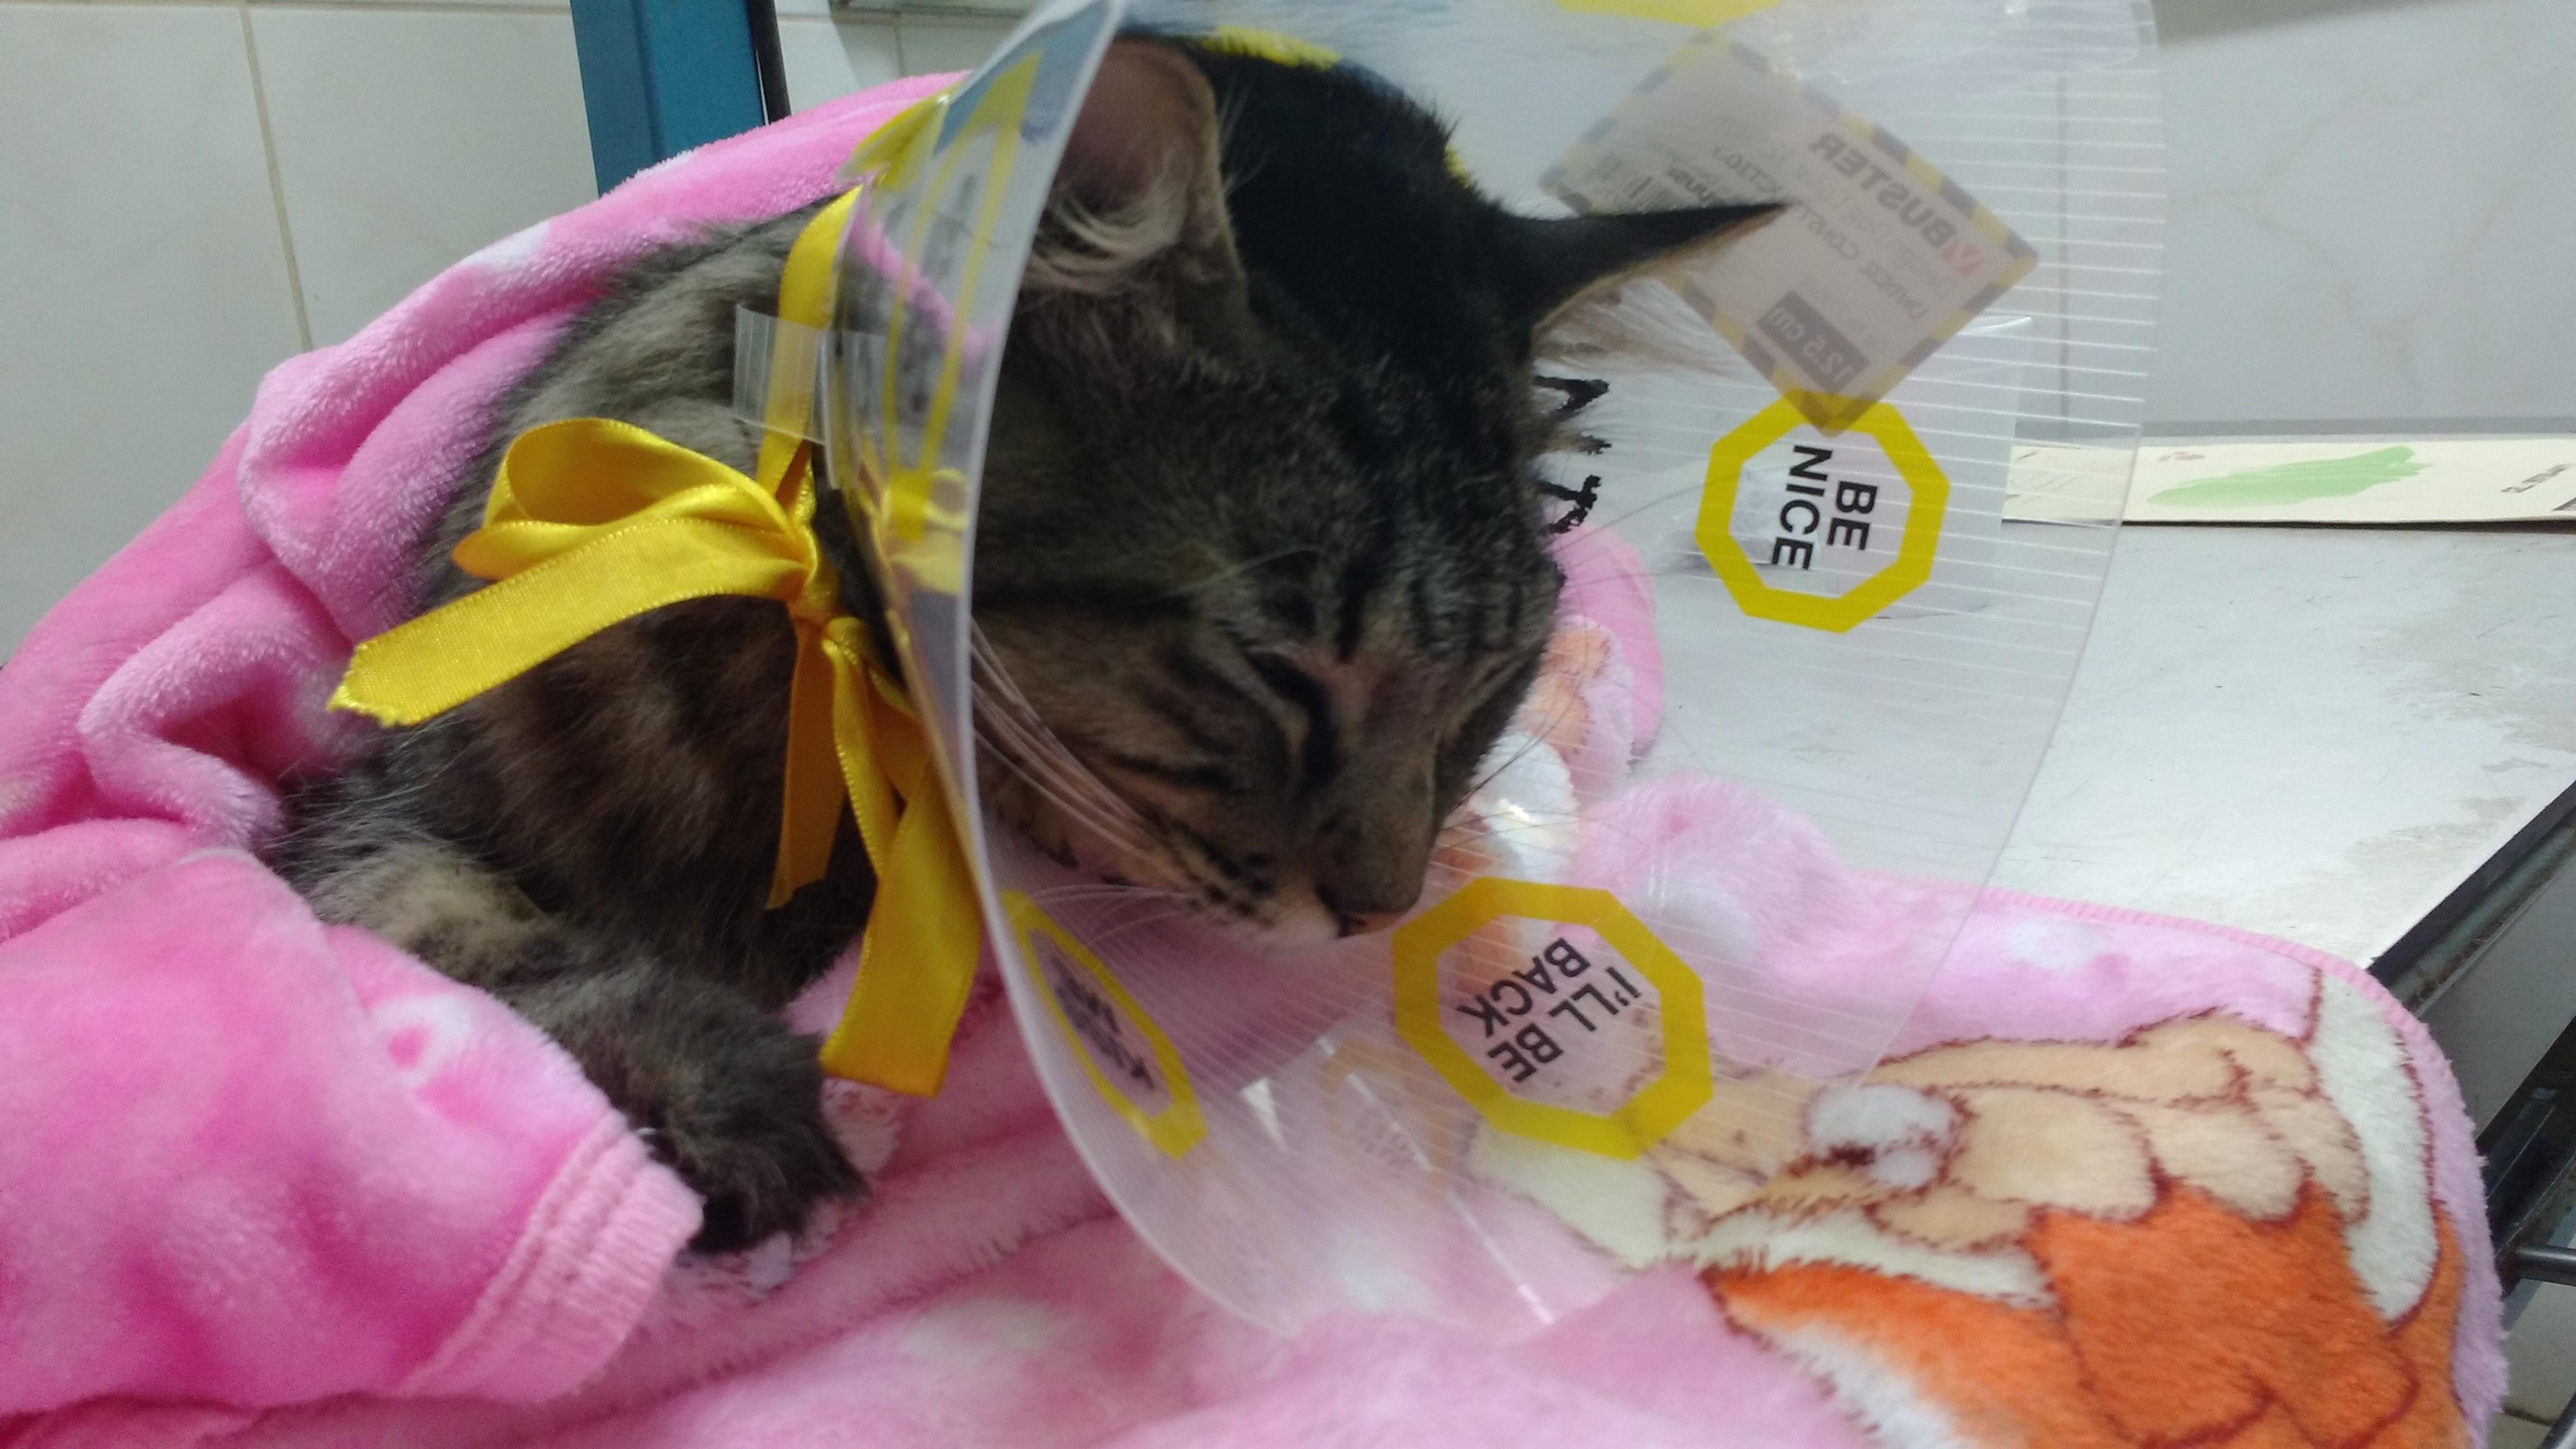 sangre de emergencia en orina de gato